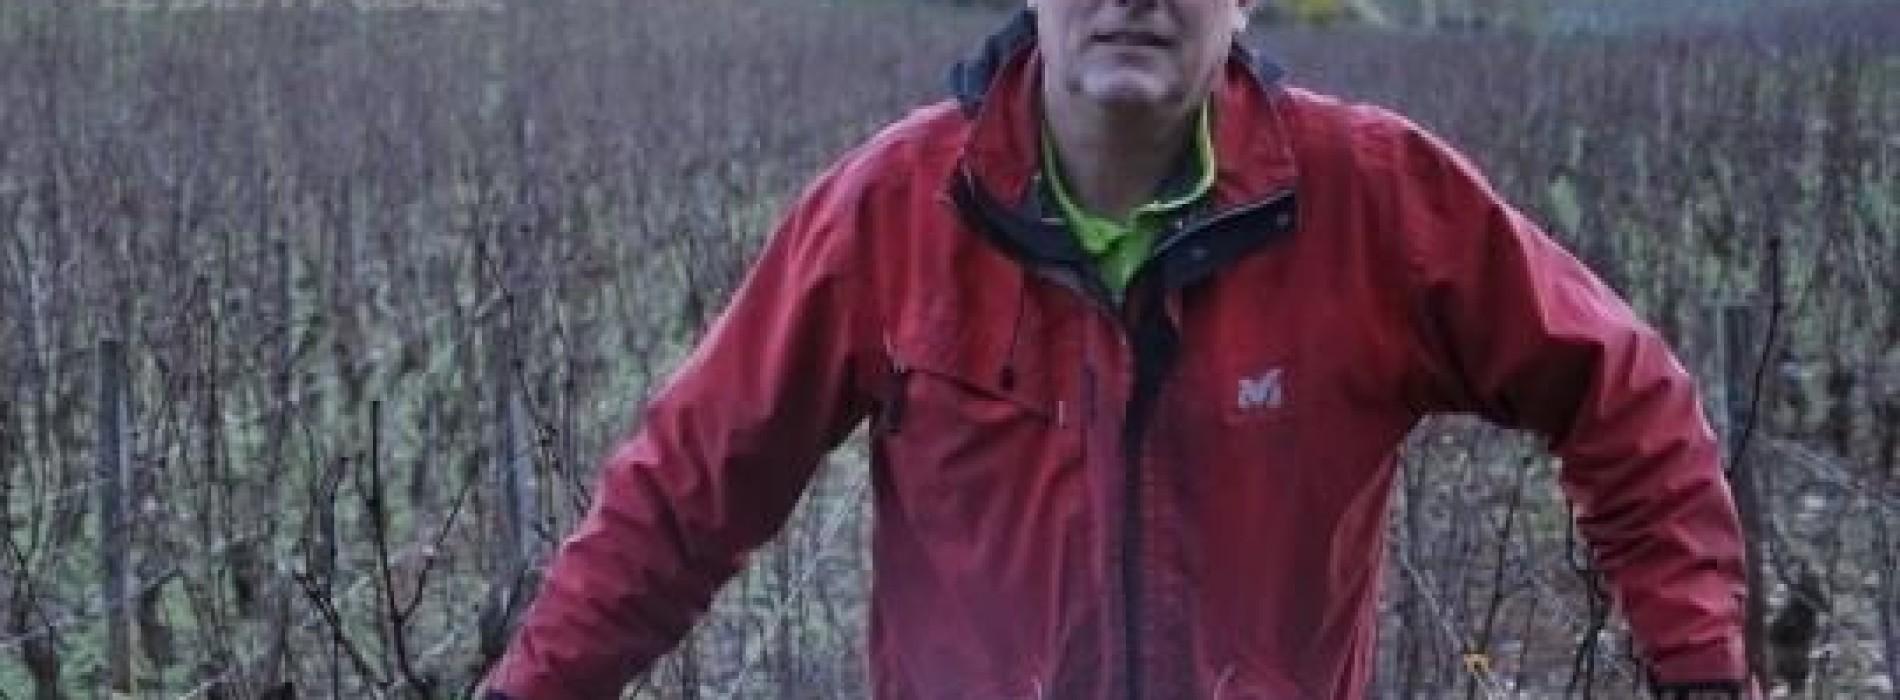 Giboulot, eroe anti pesticidi, condannato a 500 euro. La solidarietà dei produttori di Viniveri, a Cerea